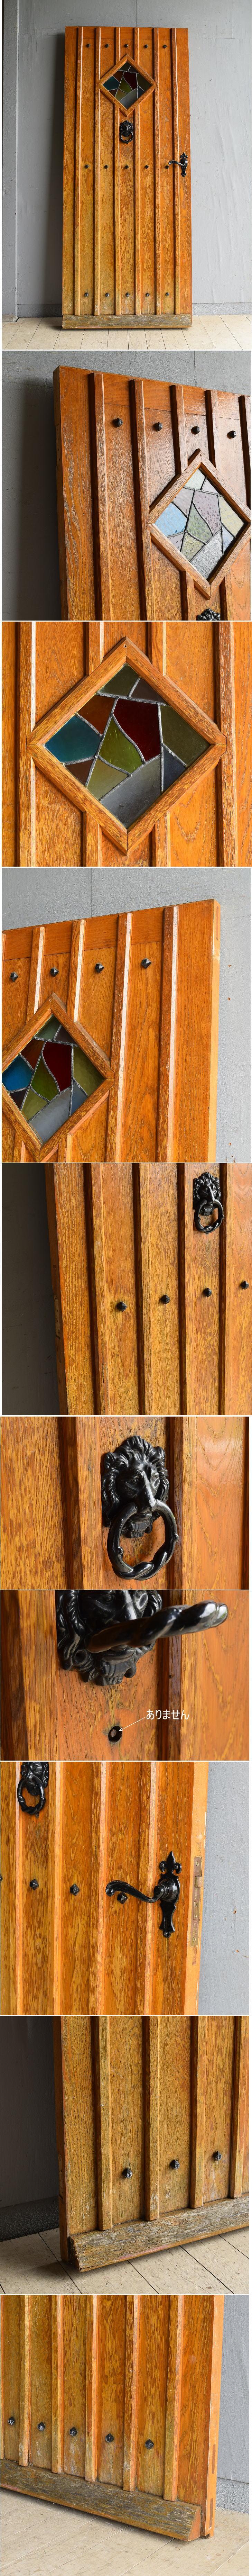 イギリス アンティーク ステンドグラス入り木製ドア 扉 建具 8181